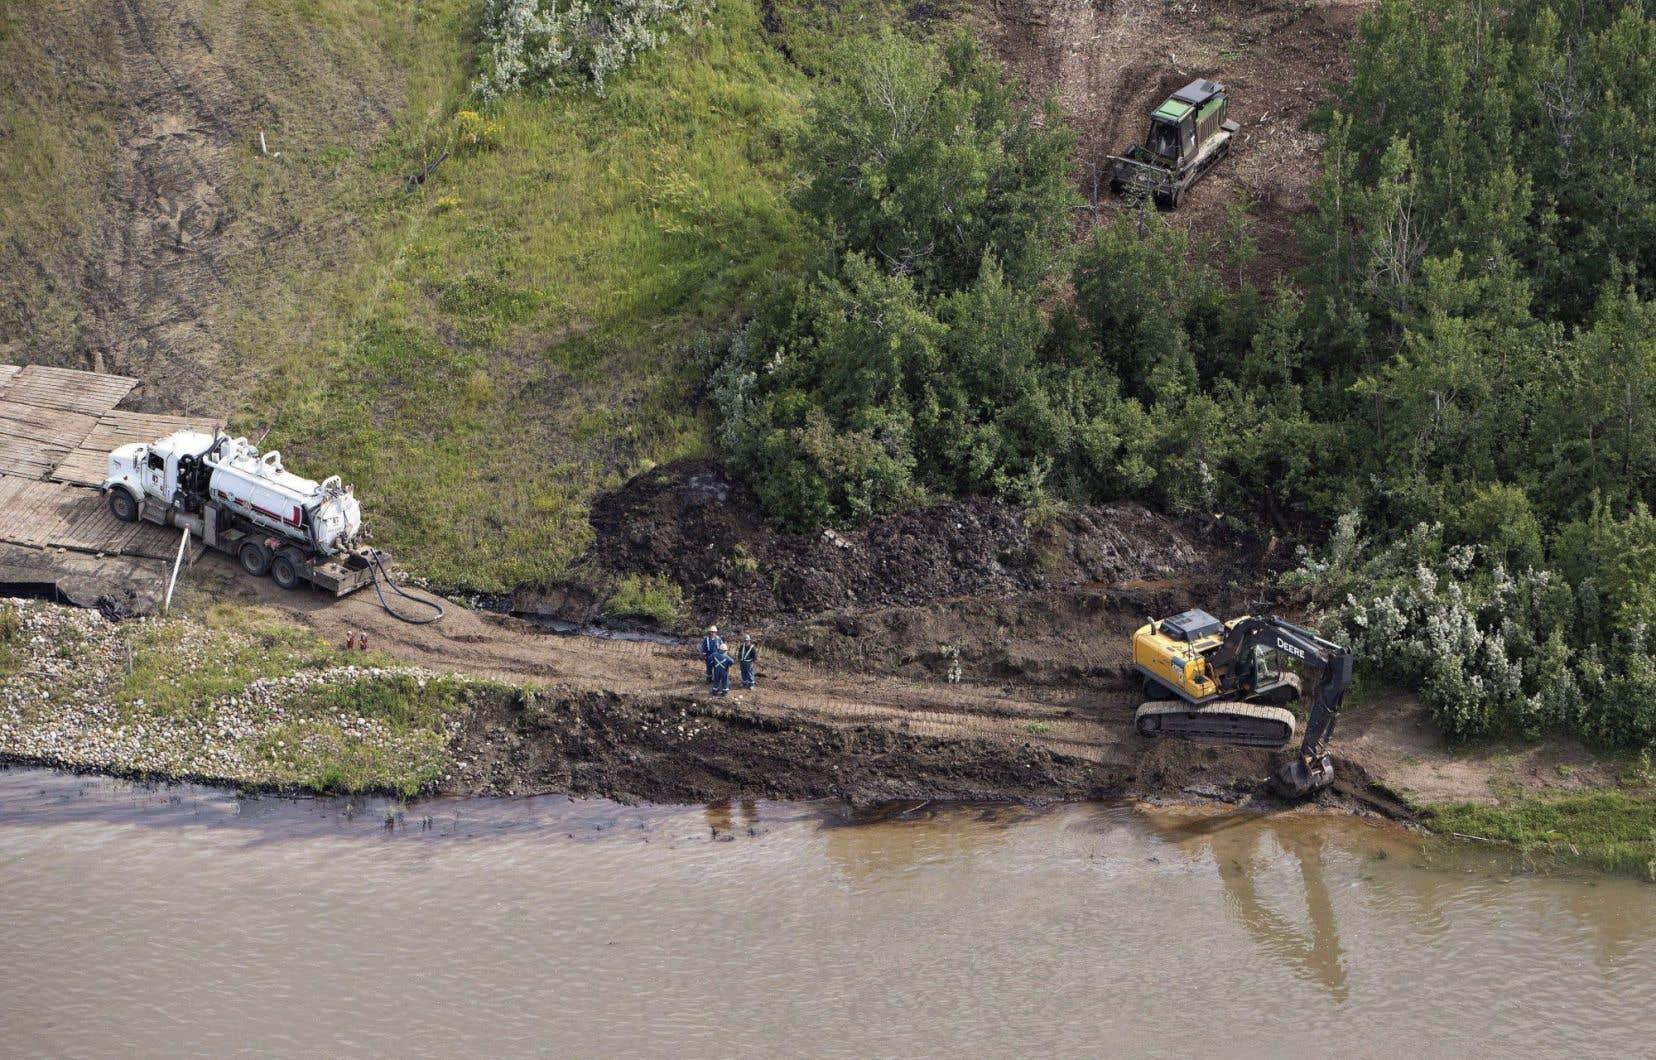 Un pipeline de Husky Energy a déversé quelque 250 000 litres de pétrole mélangé à un hydrocarbure plus léger utilisé comme diluant dans la rivière Saskatchewan Nord, près de la ville de Maidstone, il y a presque deux semaines.